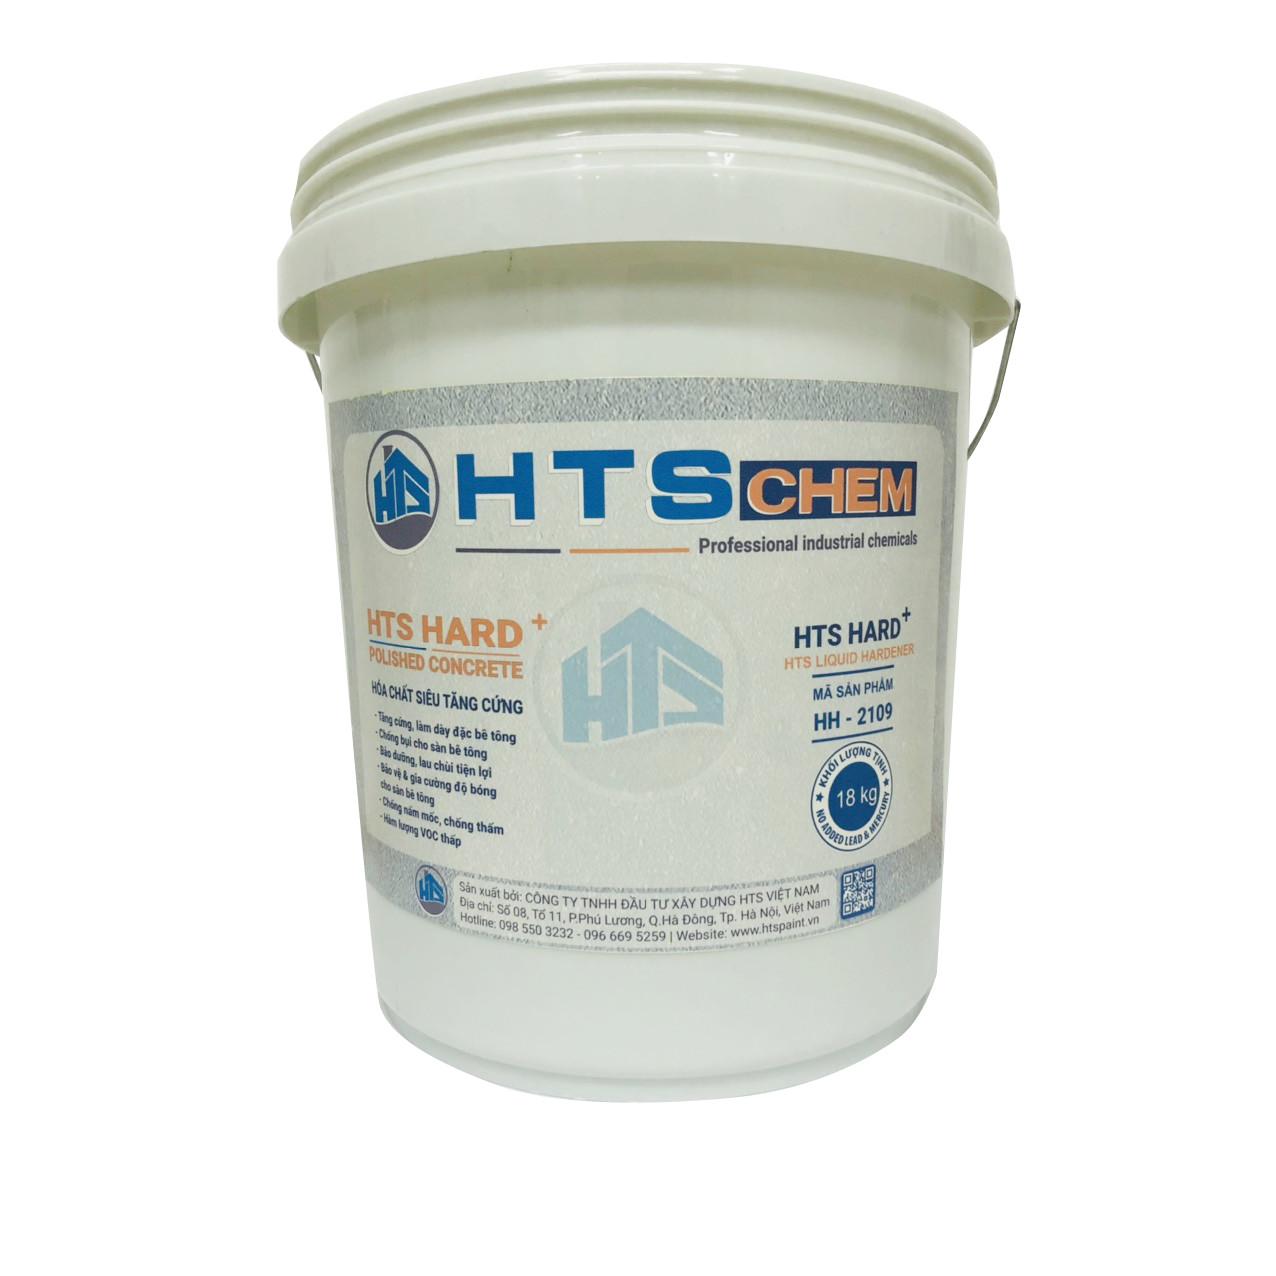 Tăng cứng Liquid Hardener HTS HARD+